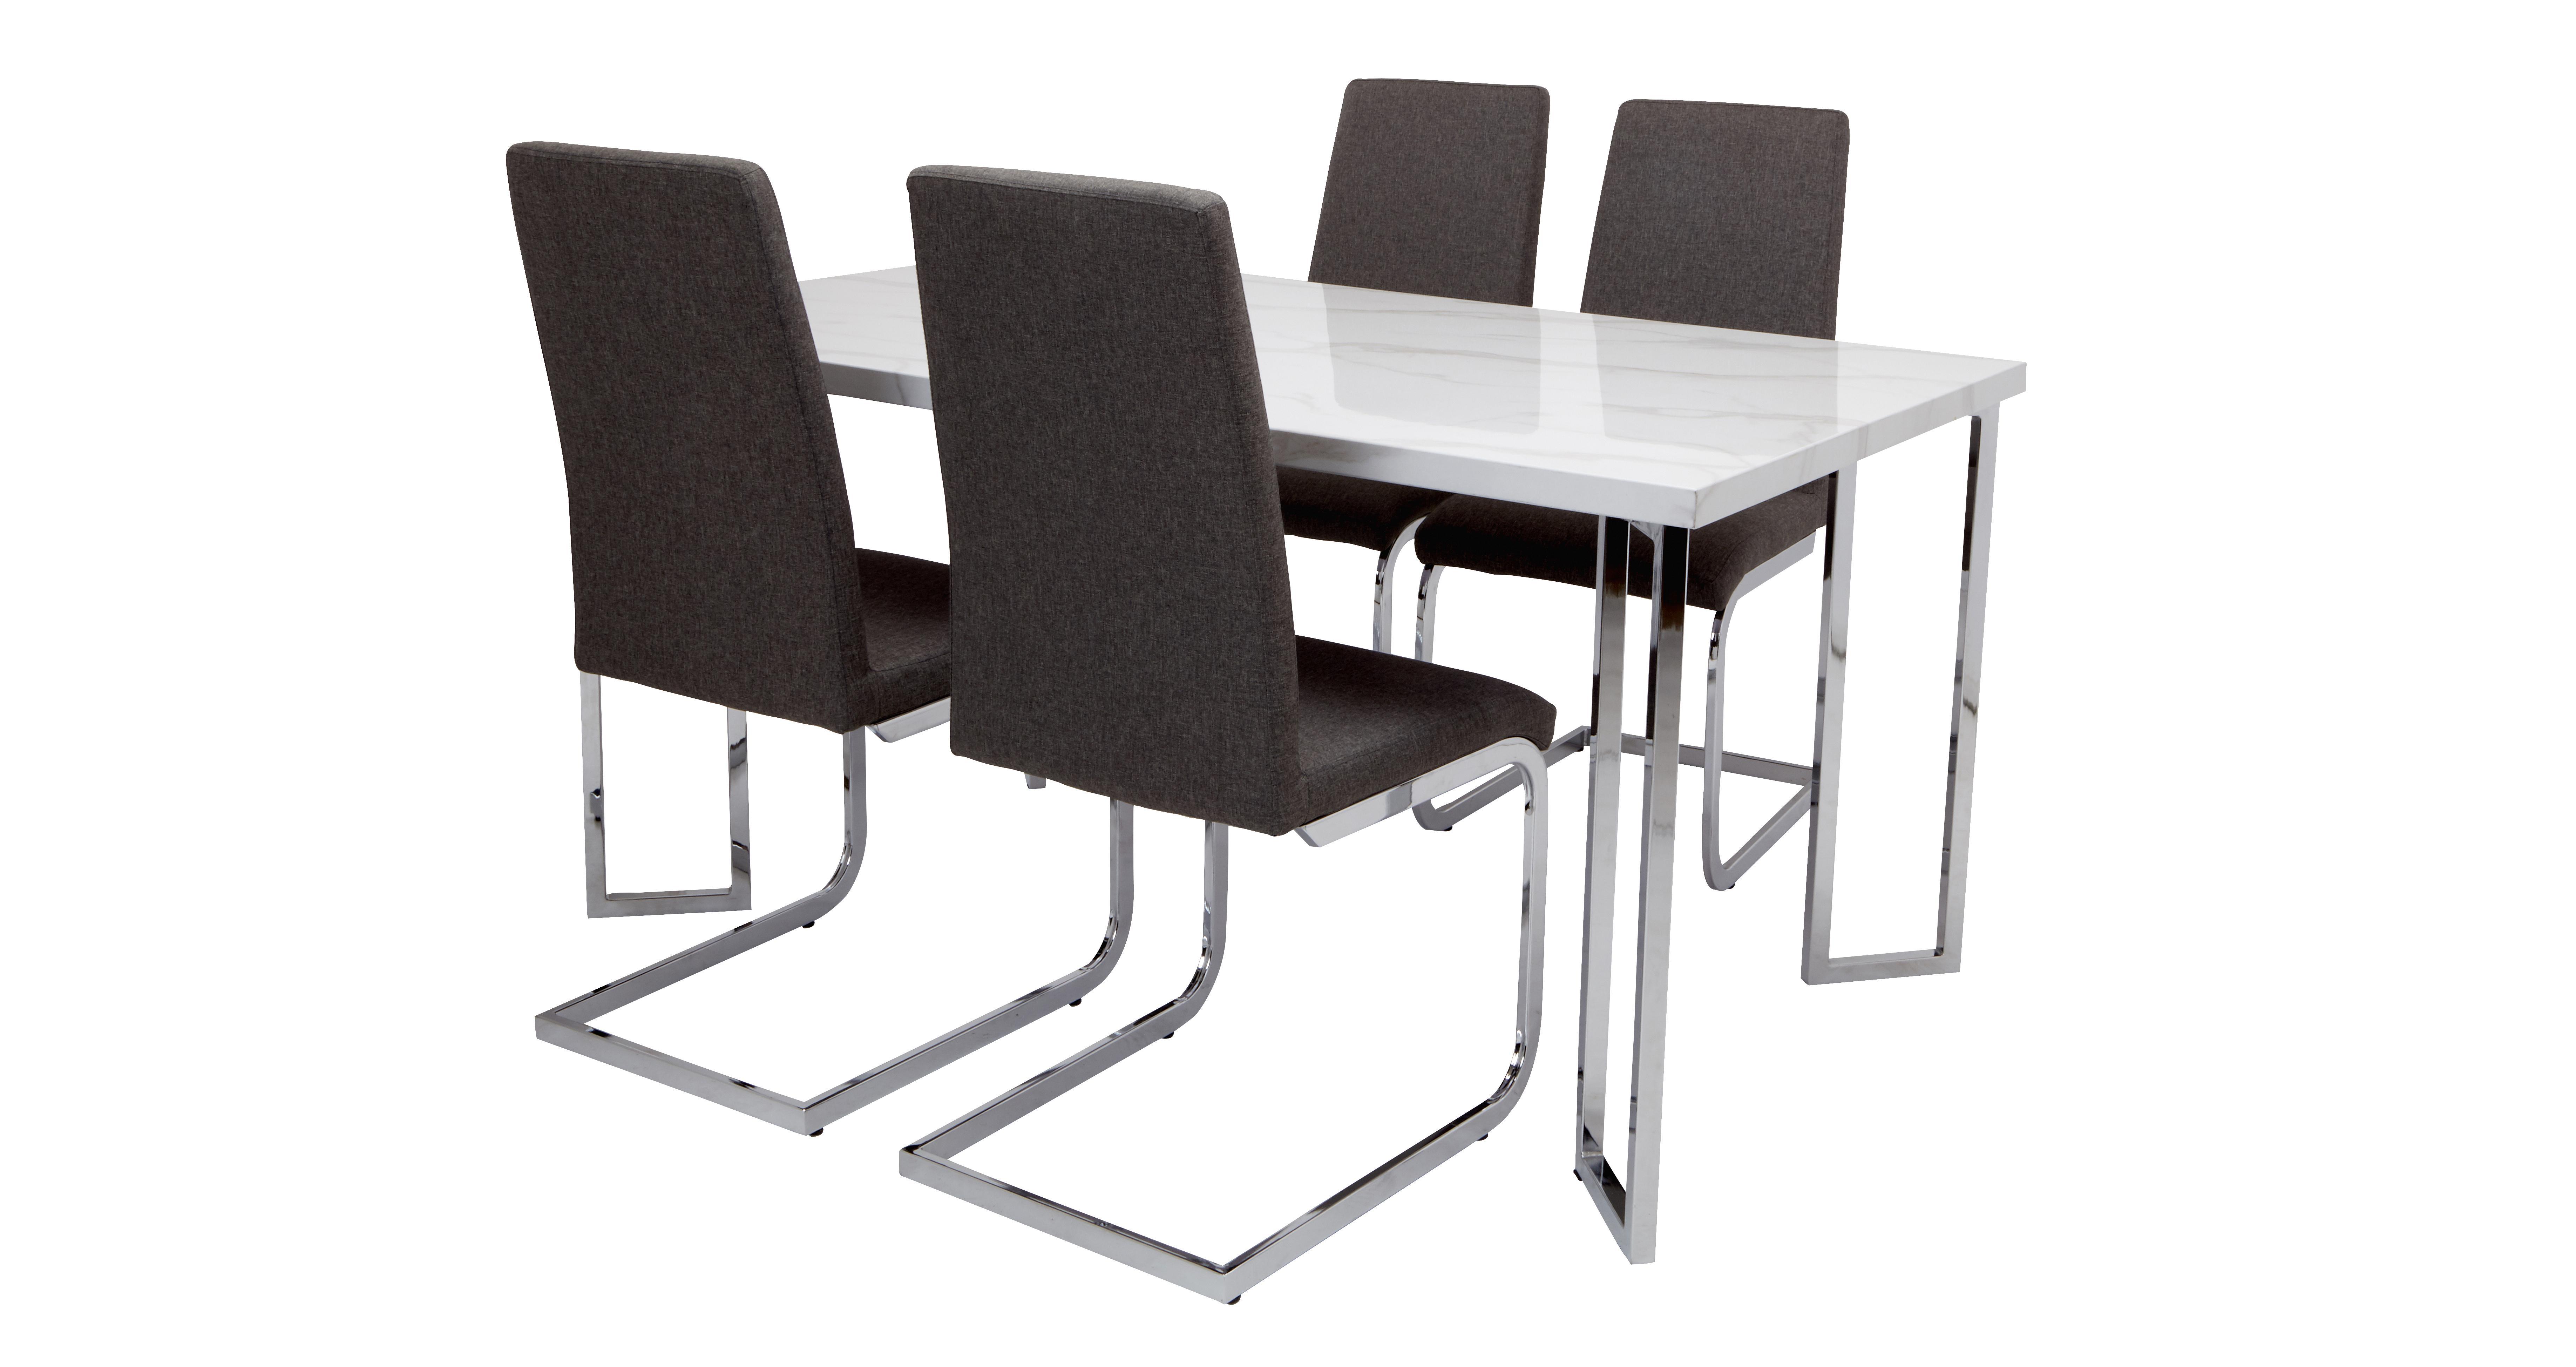 Miraculous Tafels En Stoelennl Dfs Banken Inzonedesignstudio Interior Chair Design Inzonedesignstudiocom